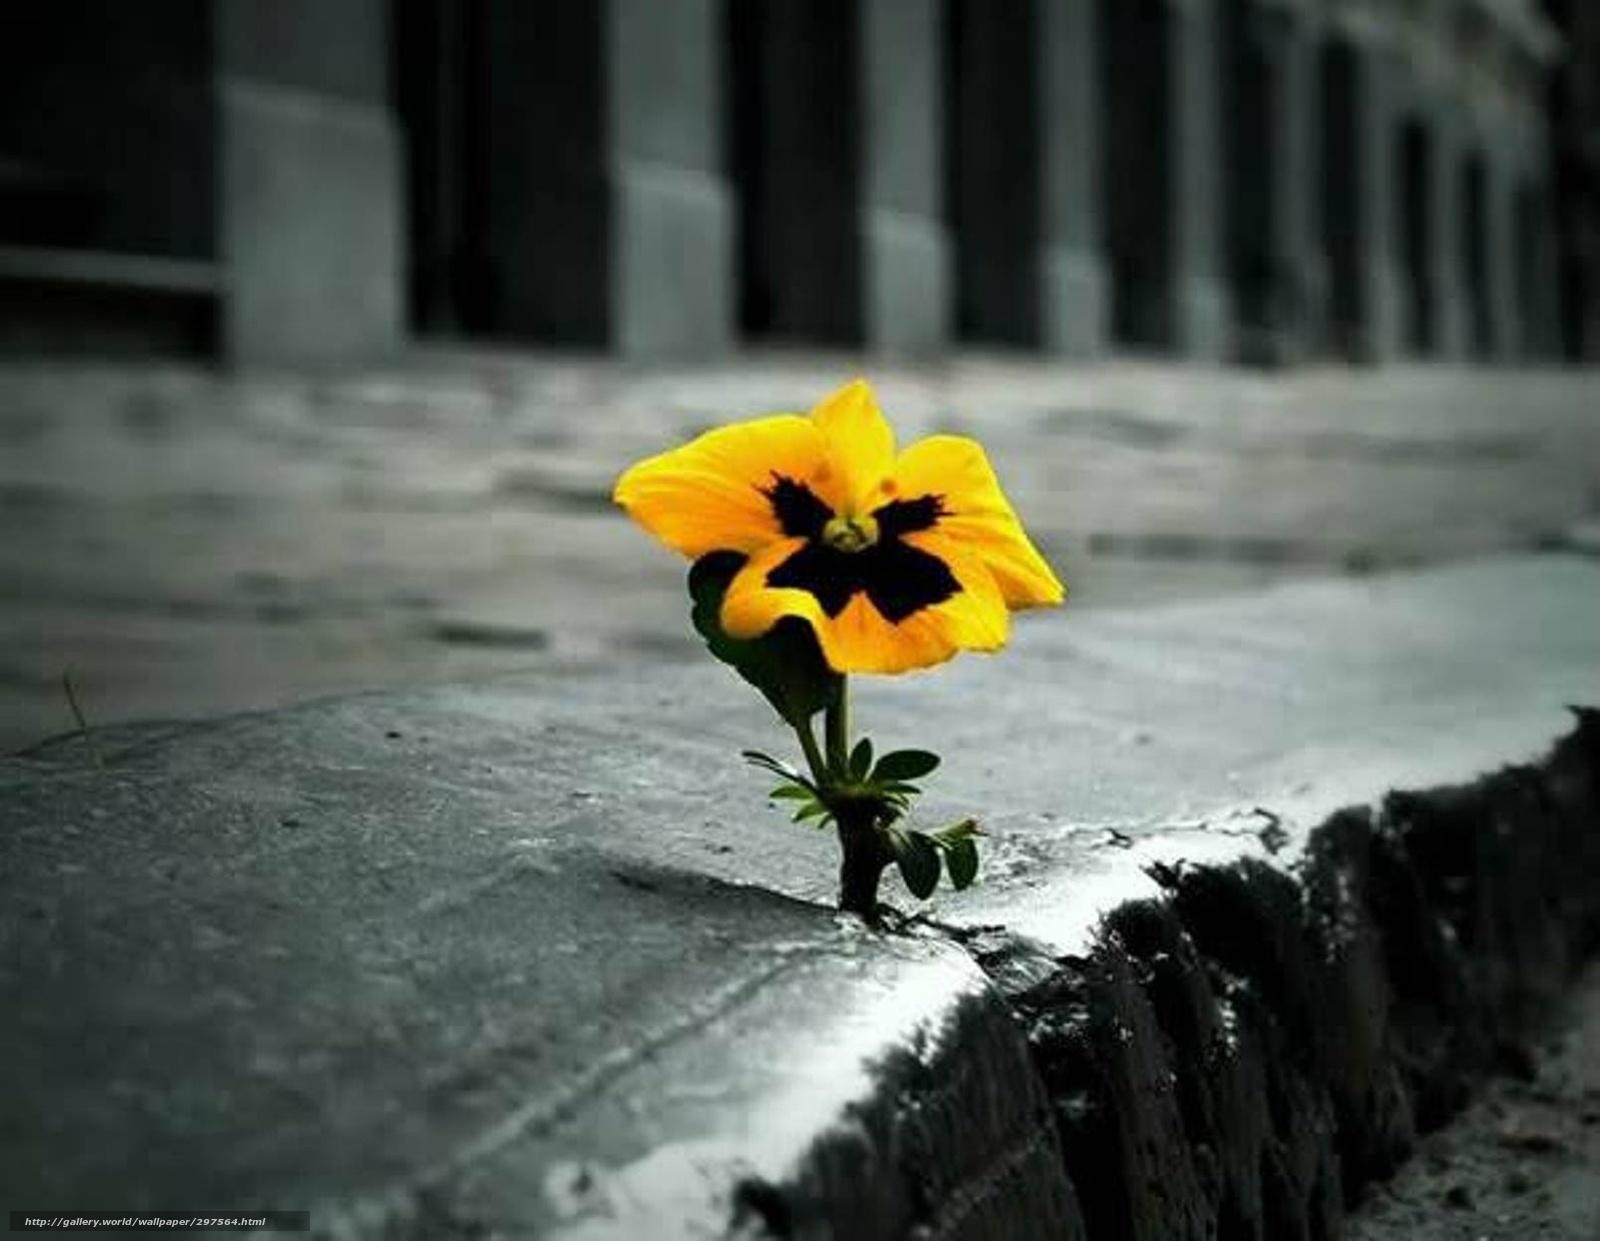 A tarde segue, modorrenta, como sempre.  A memória vagueia por saudades que reabrem cicatrizes no sofrido coração.  Estou repleto, de saudade, silêncio  e solidão.